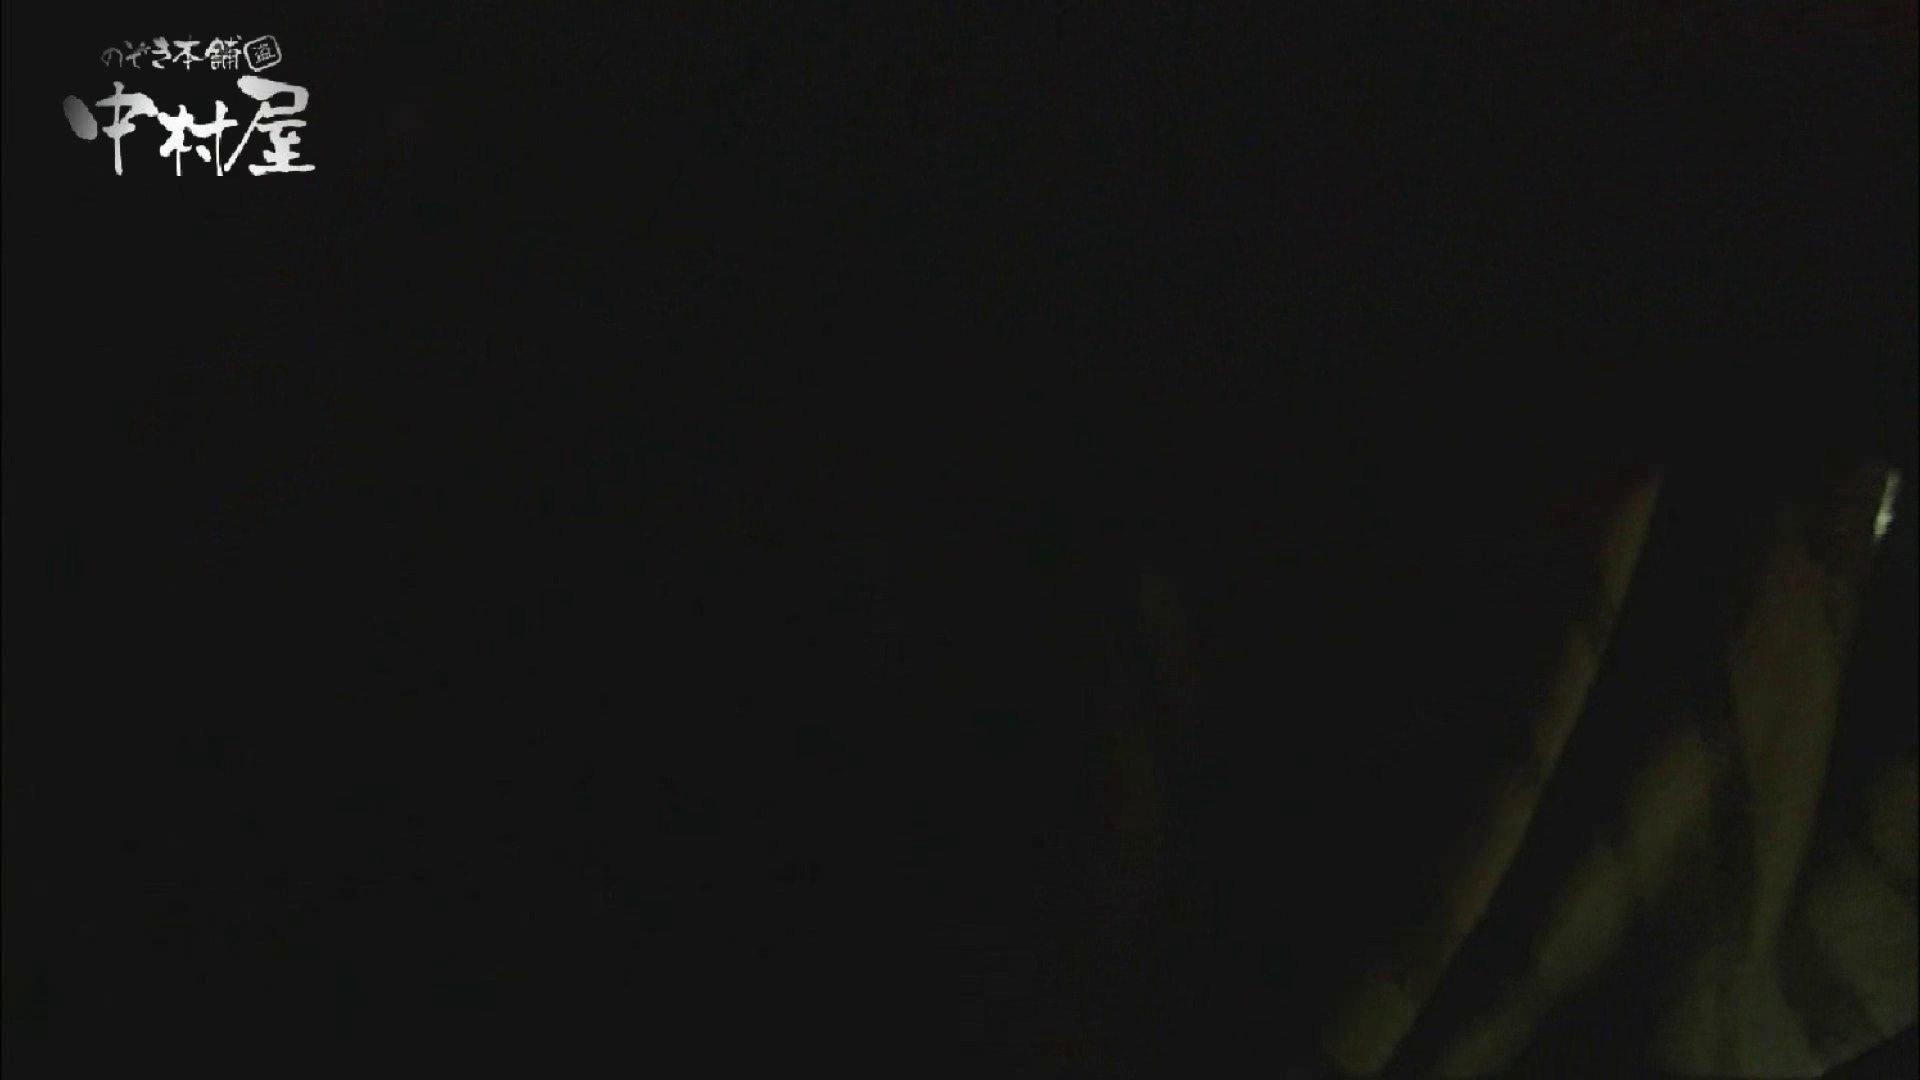 欲望 リアルドール Vol.01 Kちゃんショップ店員店員20歳 イタズラ | ギャルのエロ生活  73連発 69